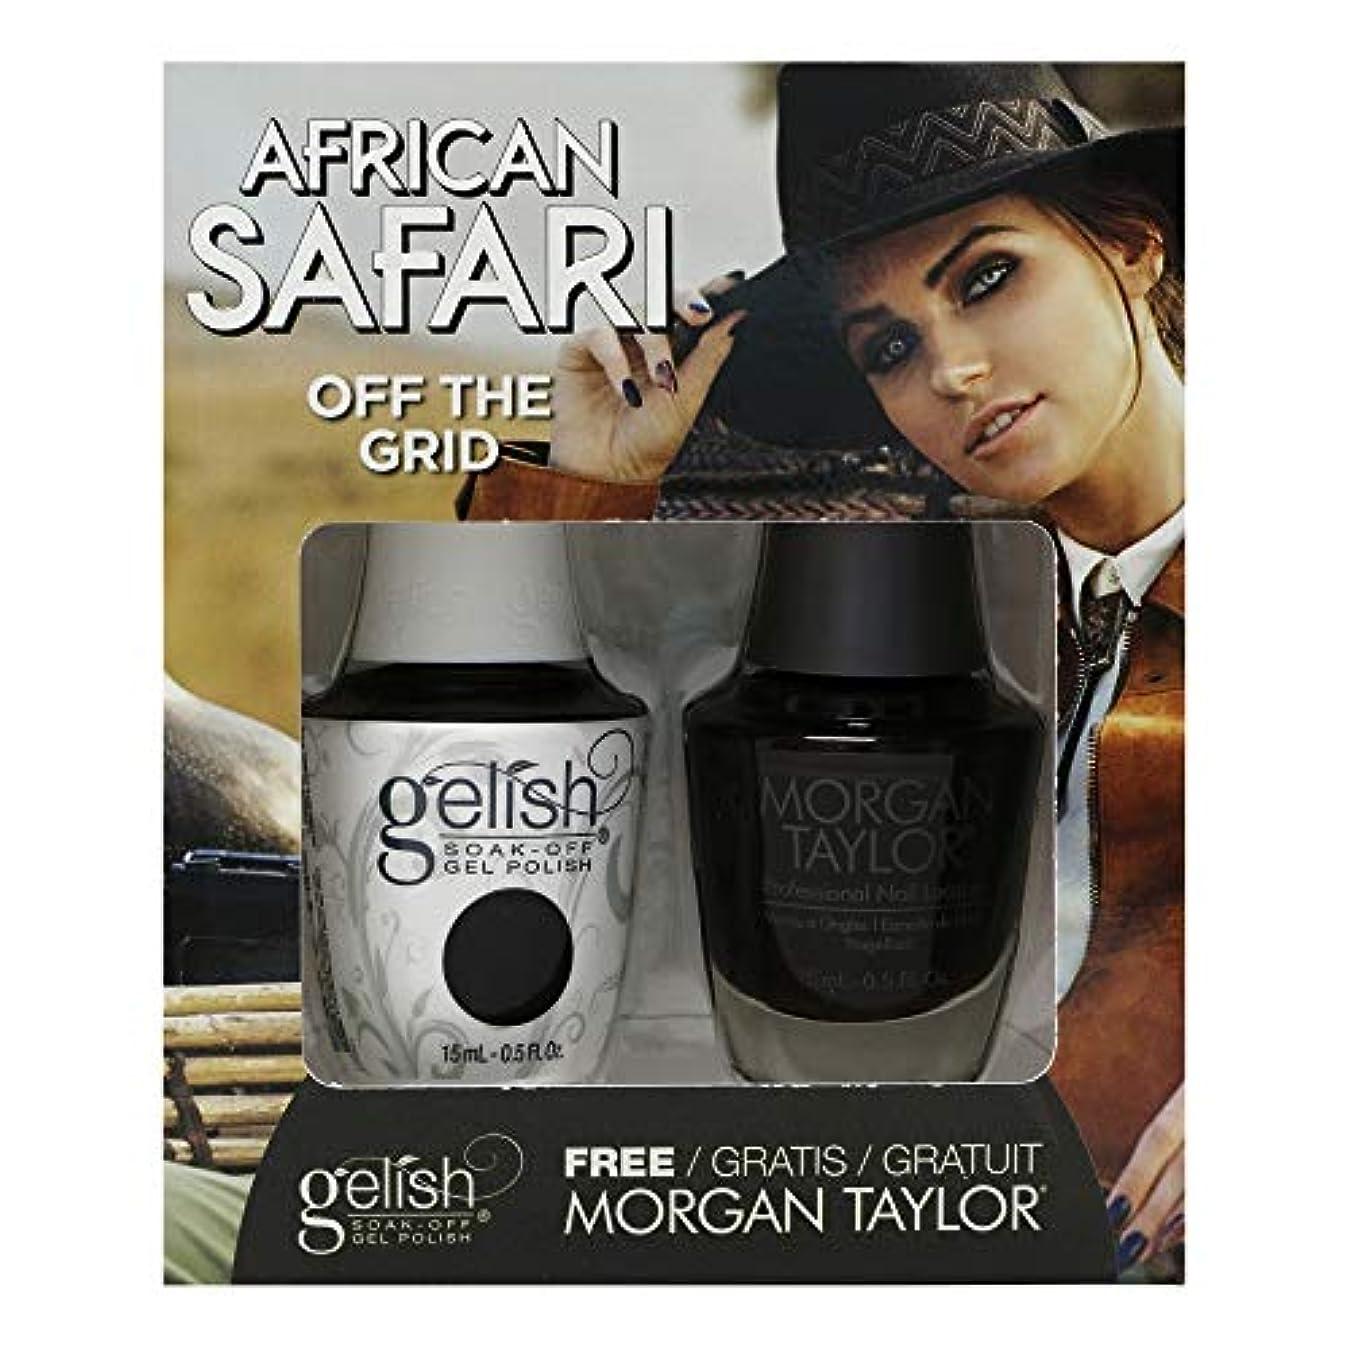 回復する採用する貨物Gelish - Two of a Kind - African Safari Collection - Off The Grid